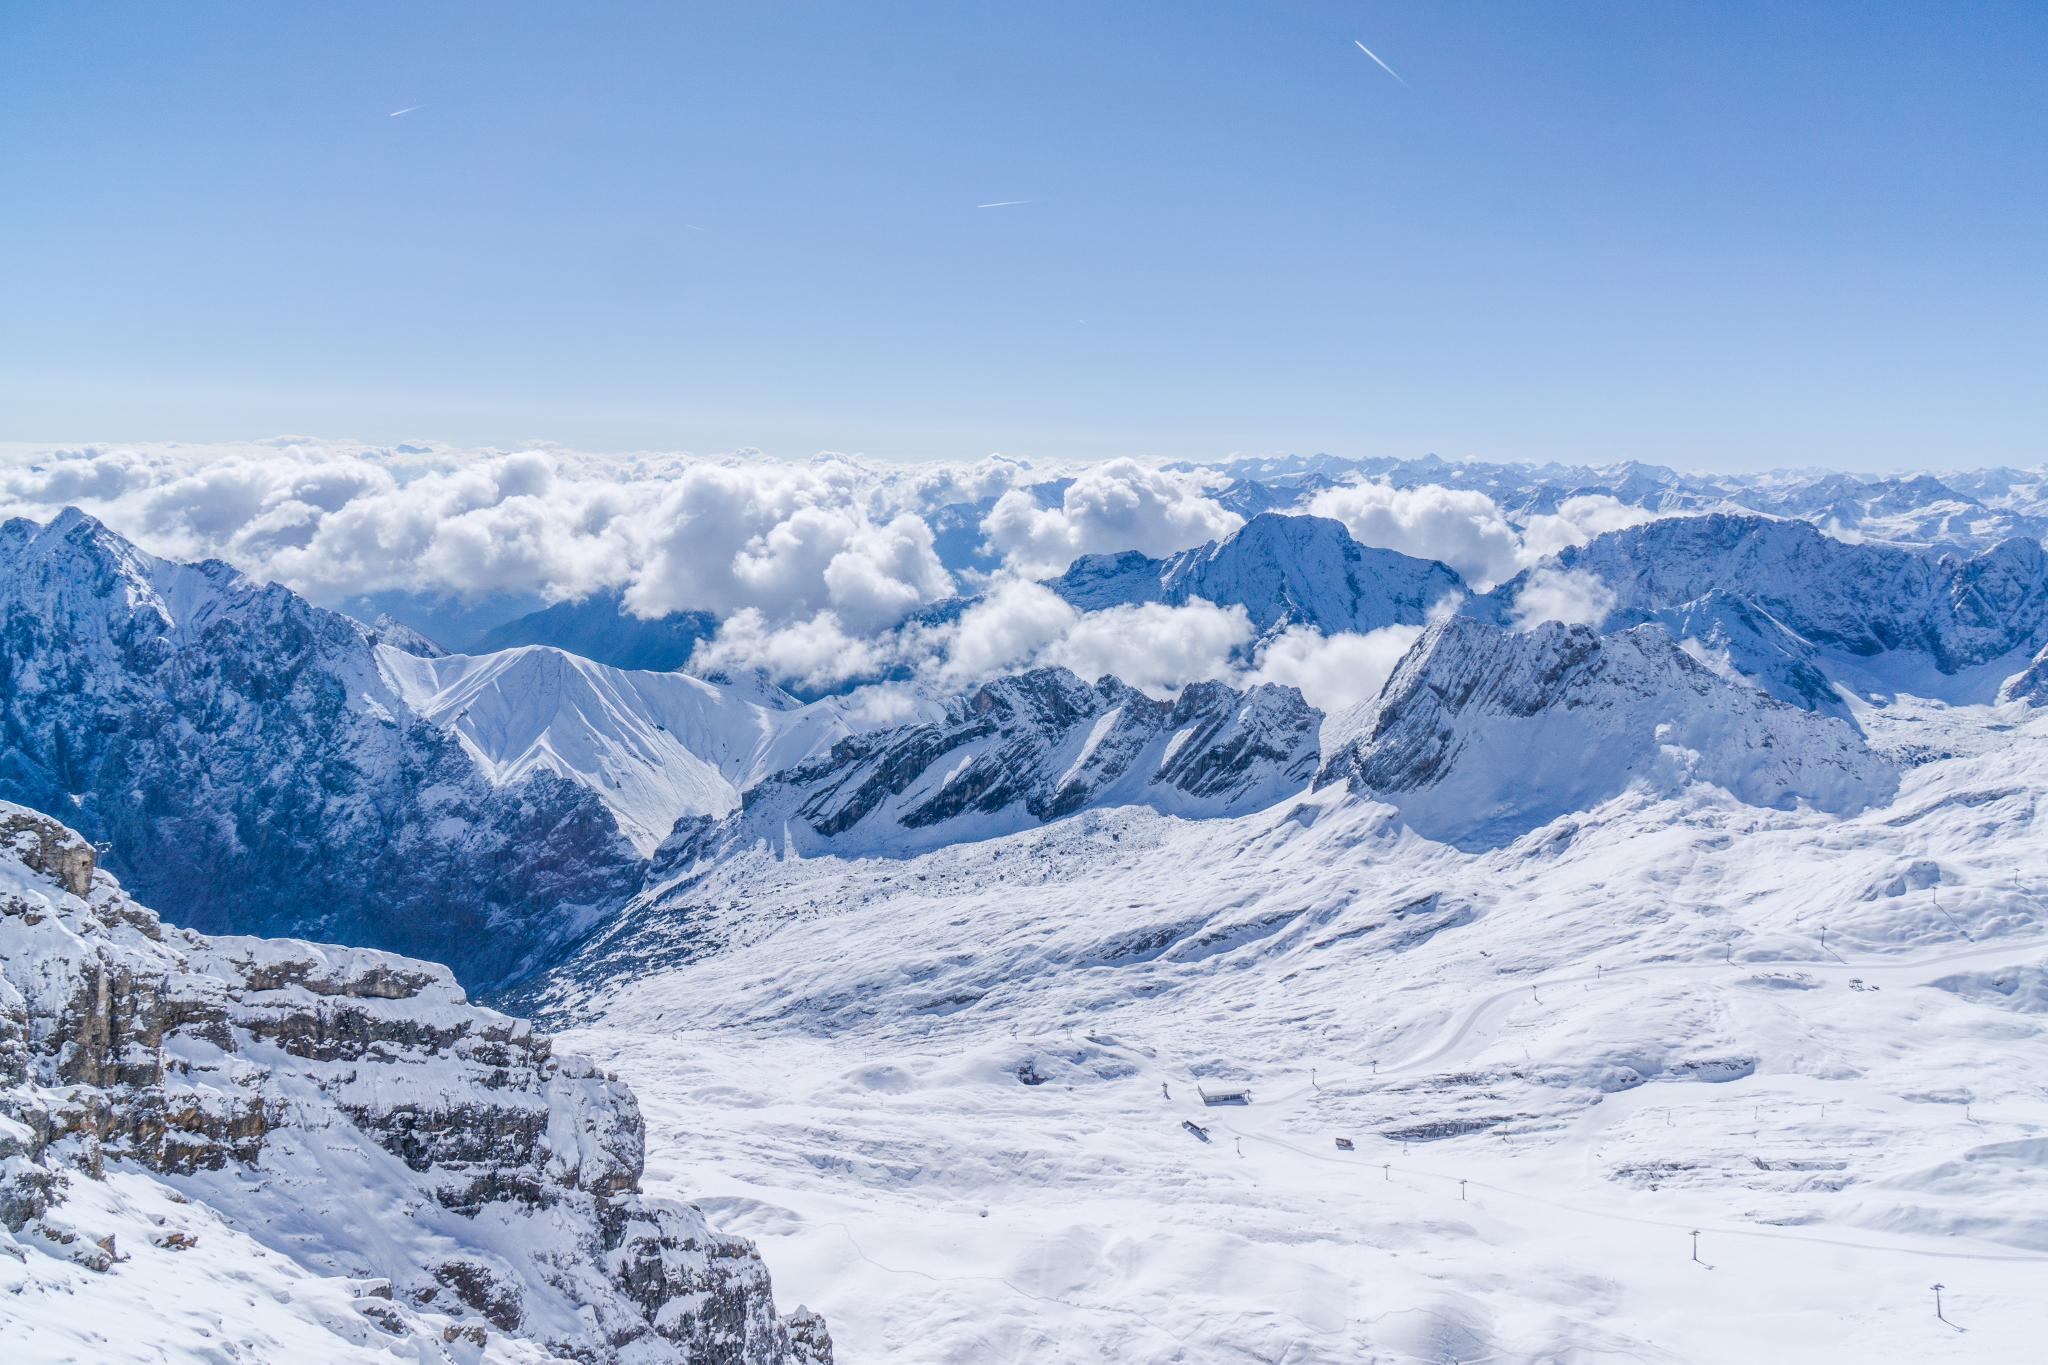 【德國】阿爾卑斯大道:楚格峰 (Zugspitze) 登上德國之巔 53